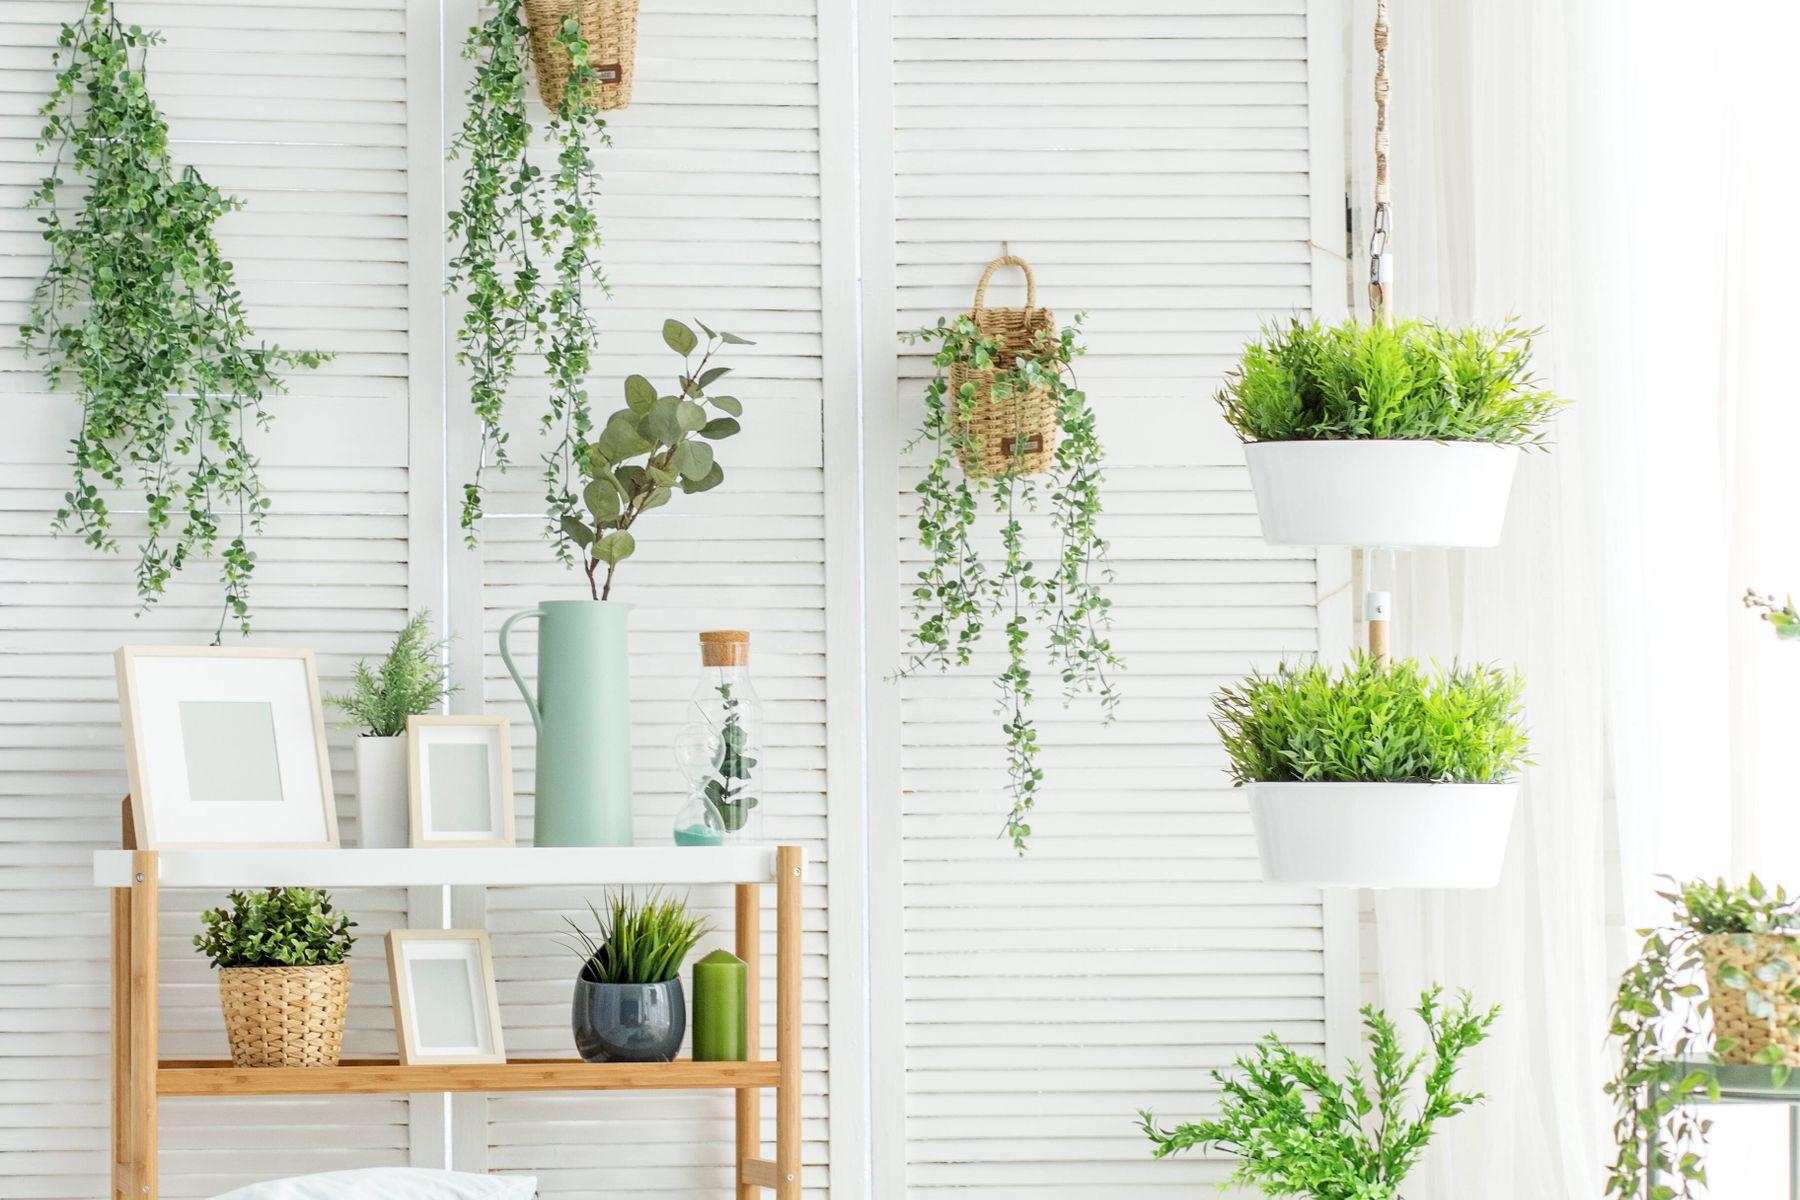 Những điều cần lưu ý để cây cảnh trồng trong nhà luôn tươi tốt